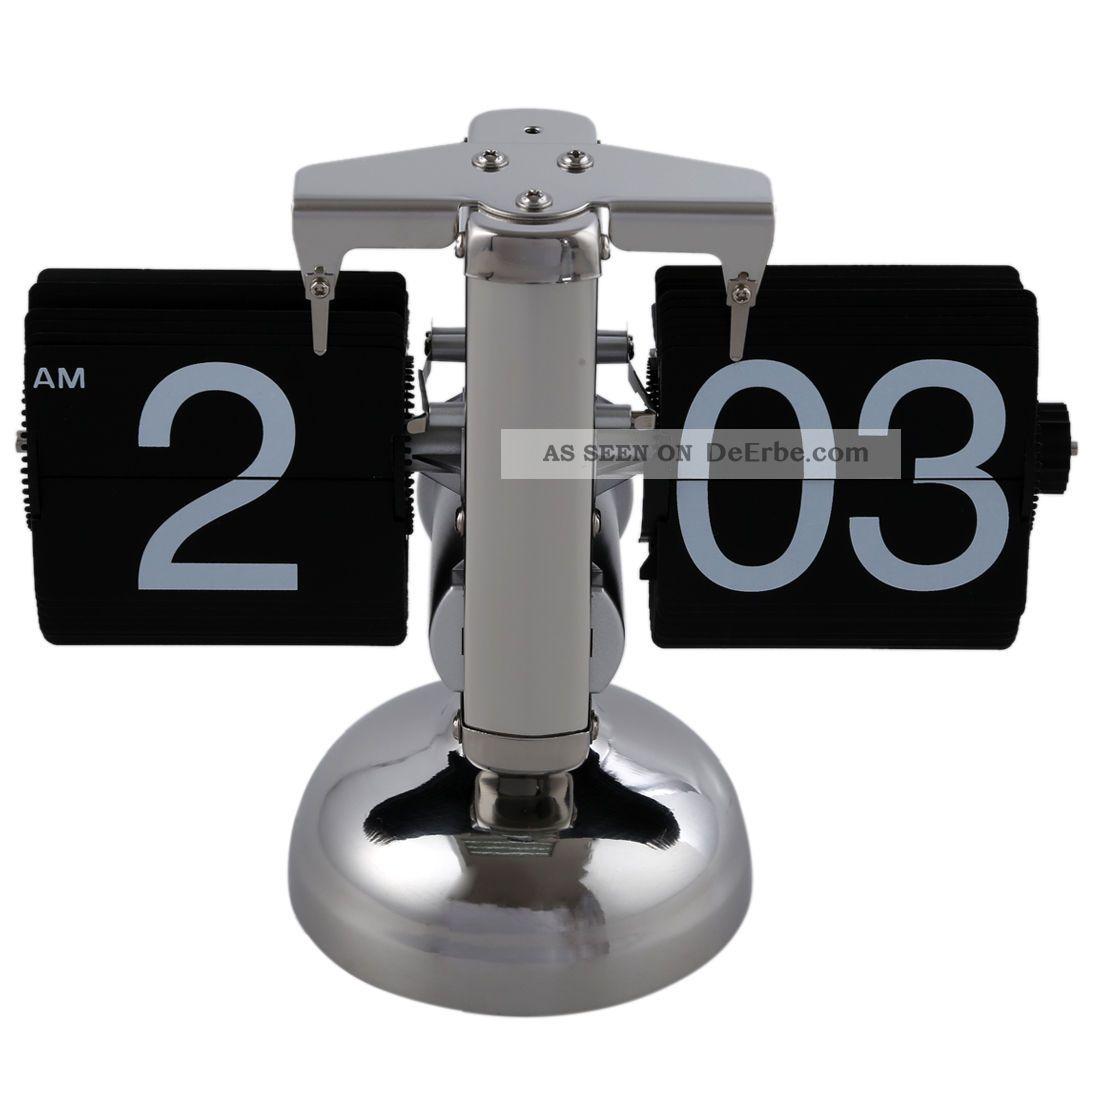 Retro Flip Down Durchblaetternde Uhr Innengetriebe Betrieben A5g3 N6b5 1970-1979 Bild